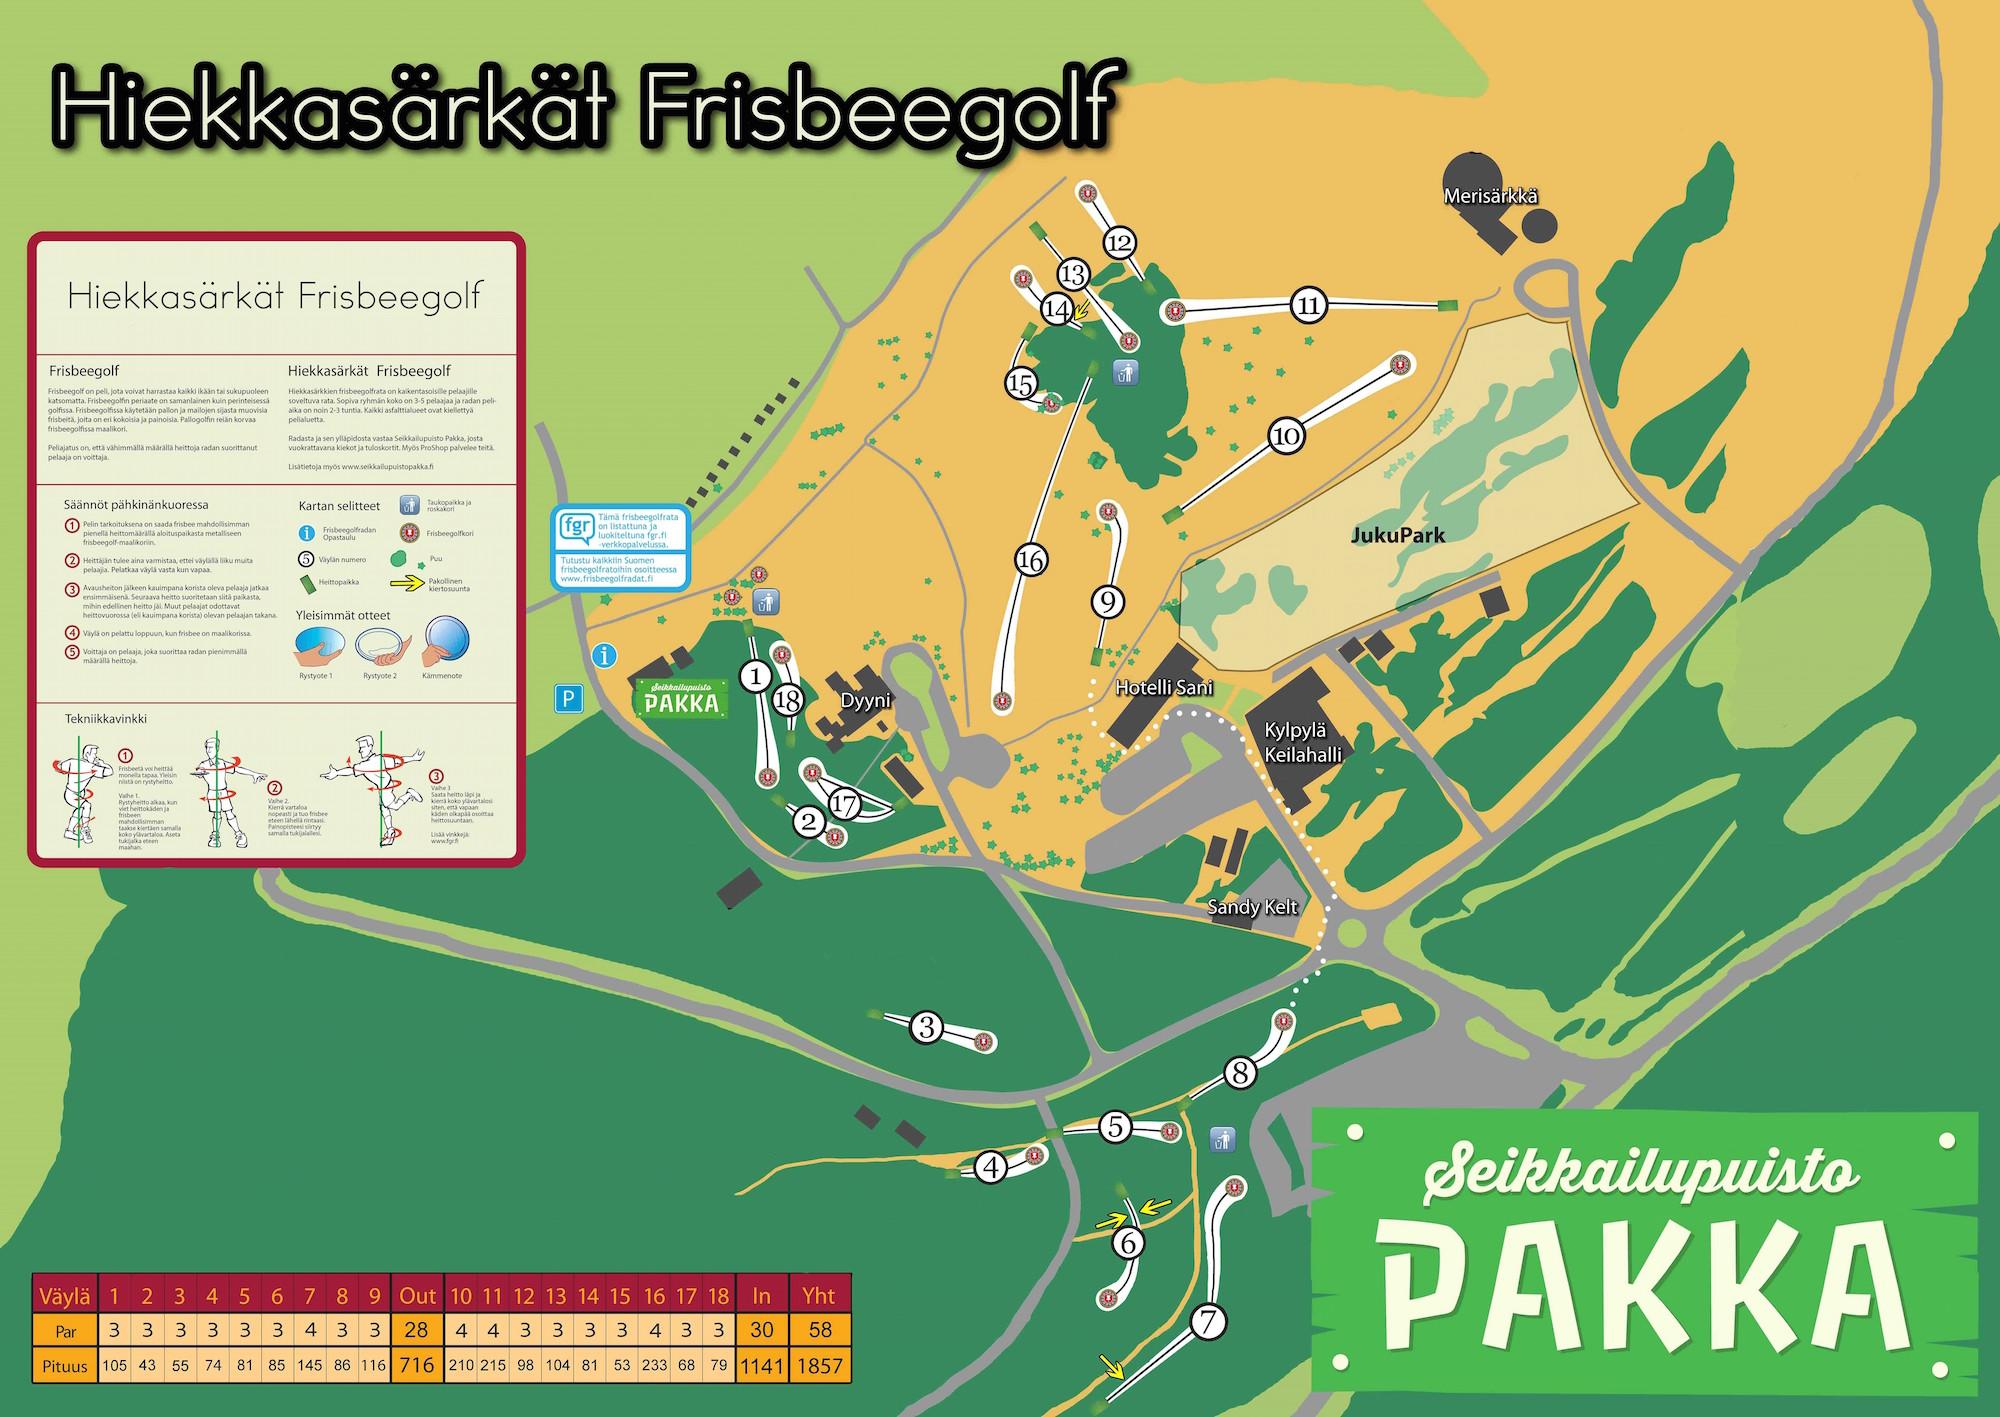 Hiekkasarkat Frisbeegolf Seikkailupuisto Pakka Radat